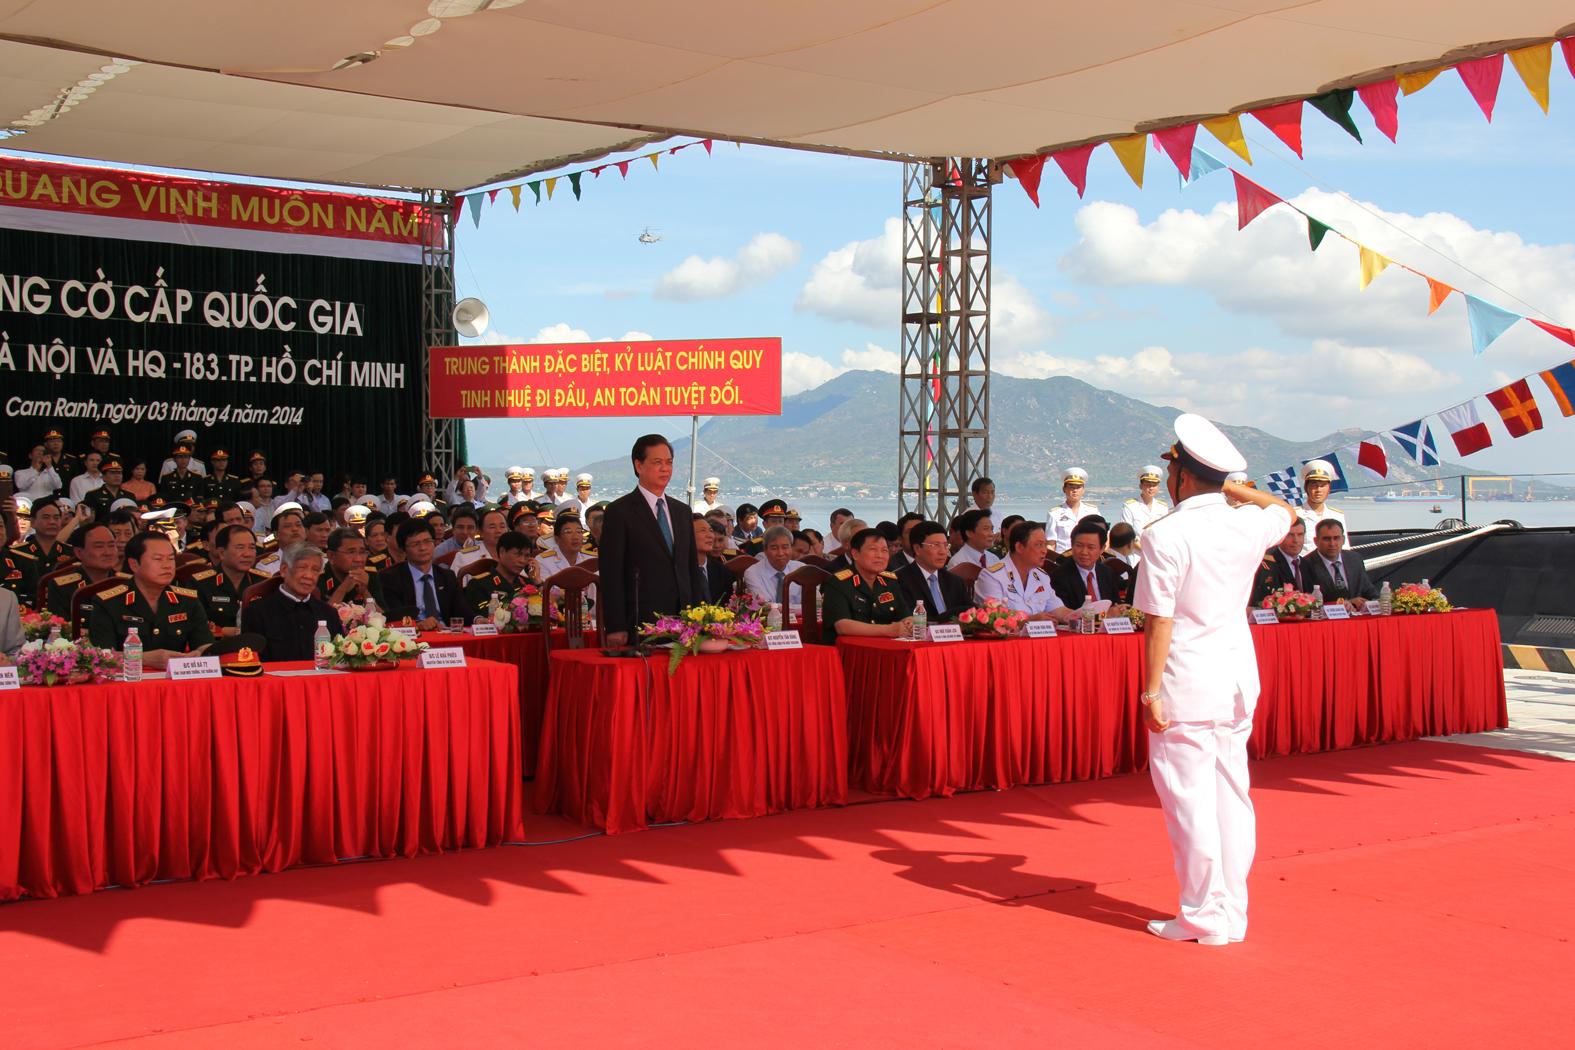 Trung tá Nguyễn Văn Quán, Thuyền trưởng Tàu HQ-182 Hà Nội, báo cáo kết quả treo Quốc kỳ với Thủ tướng